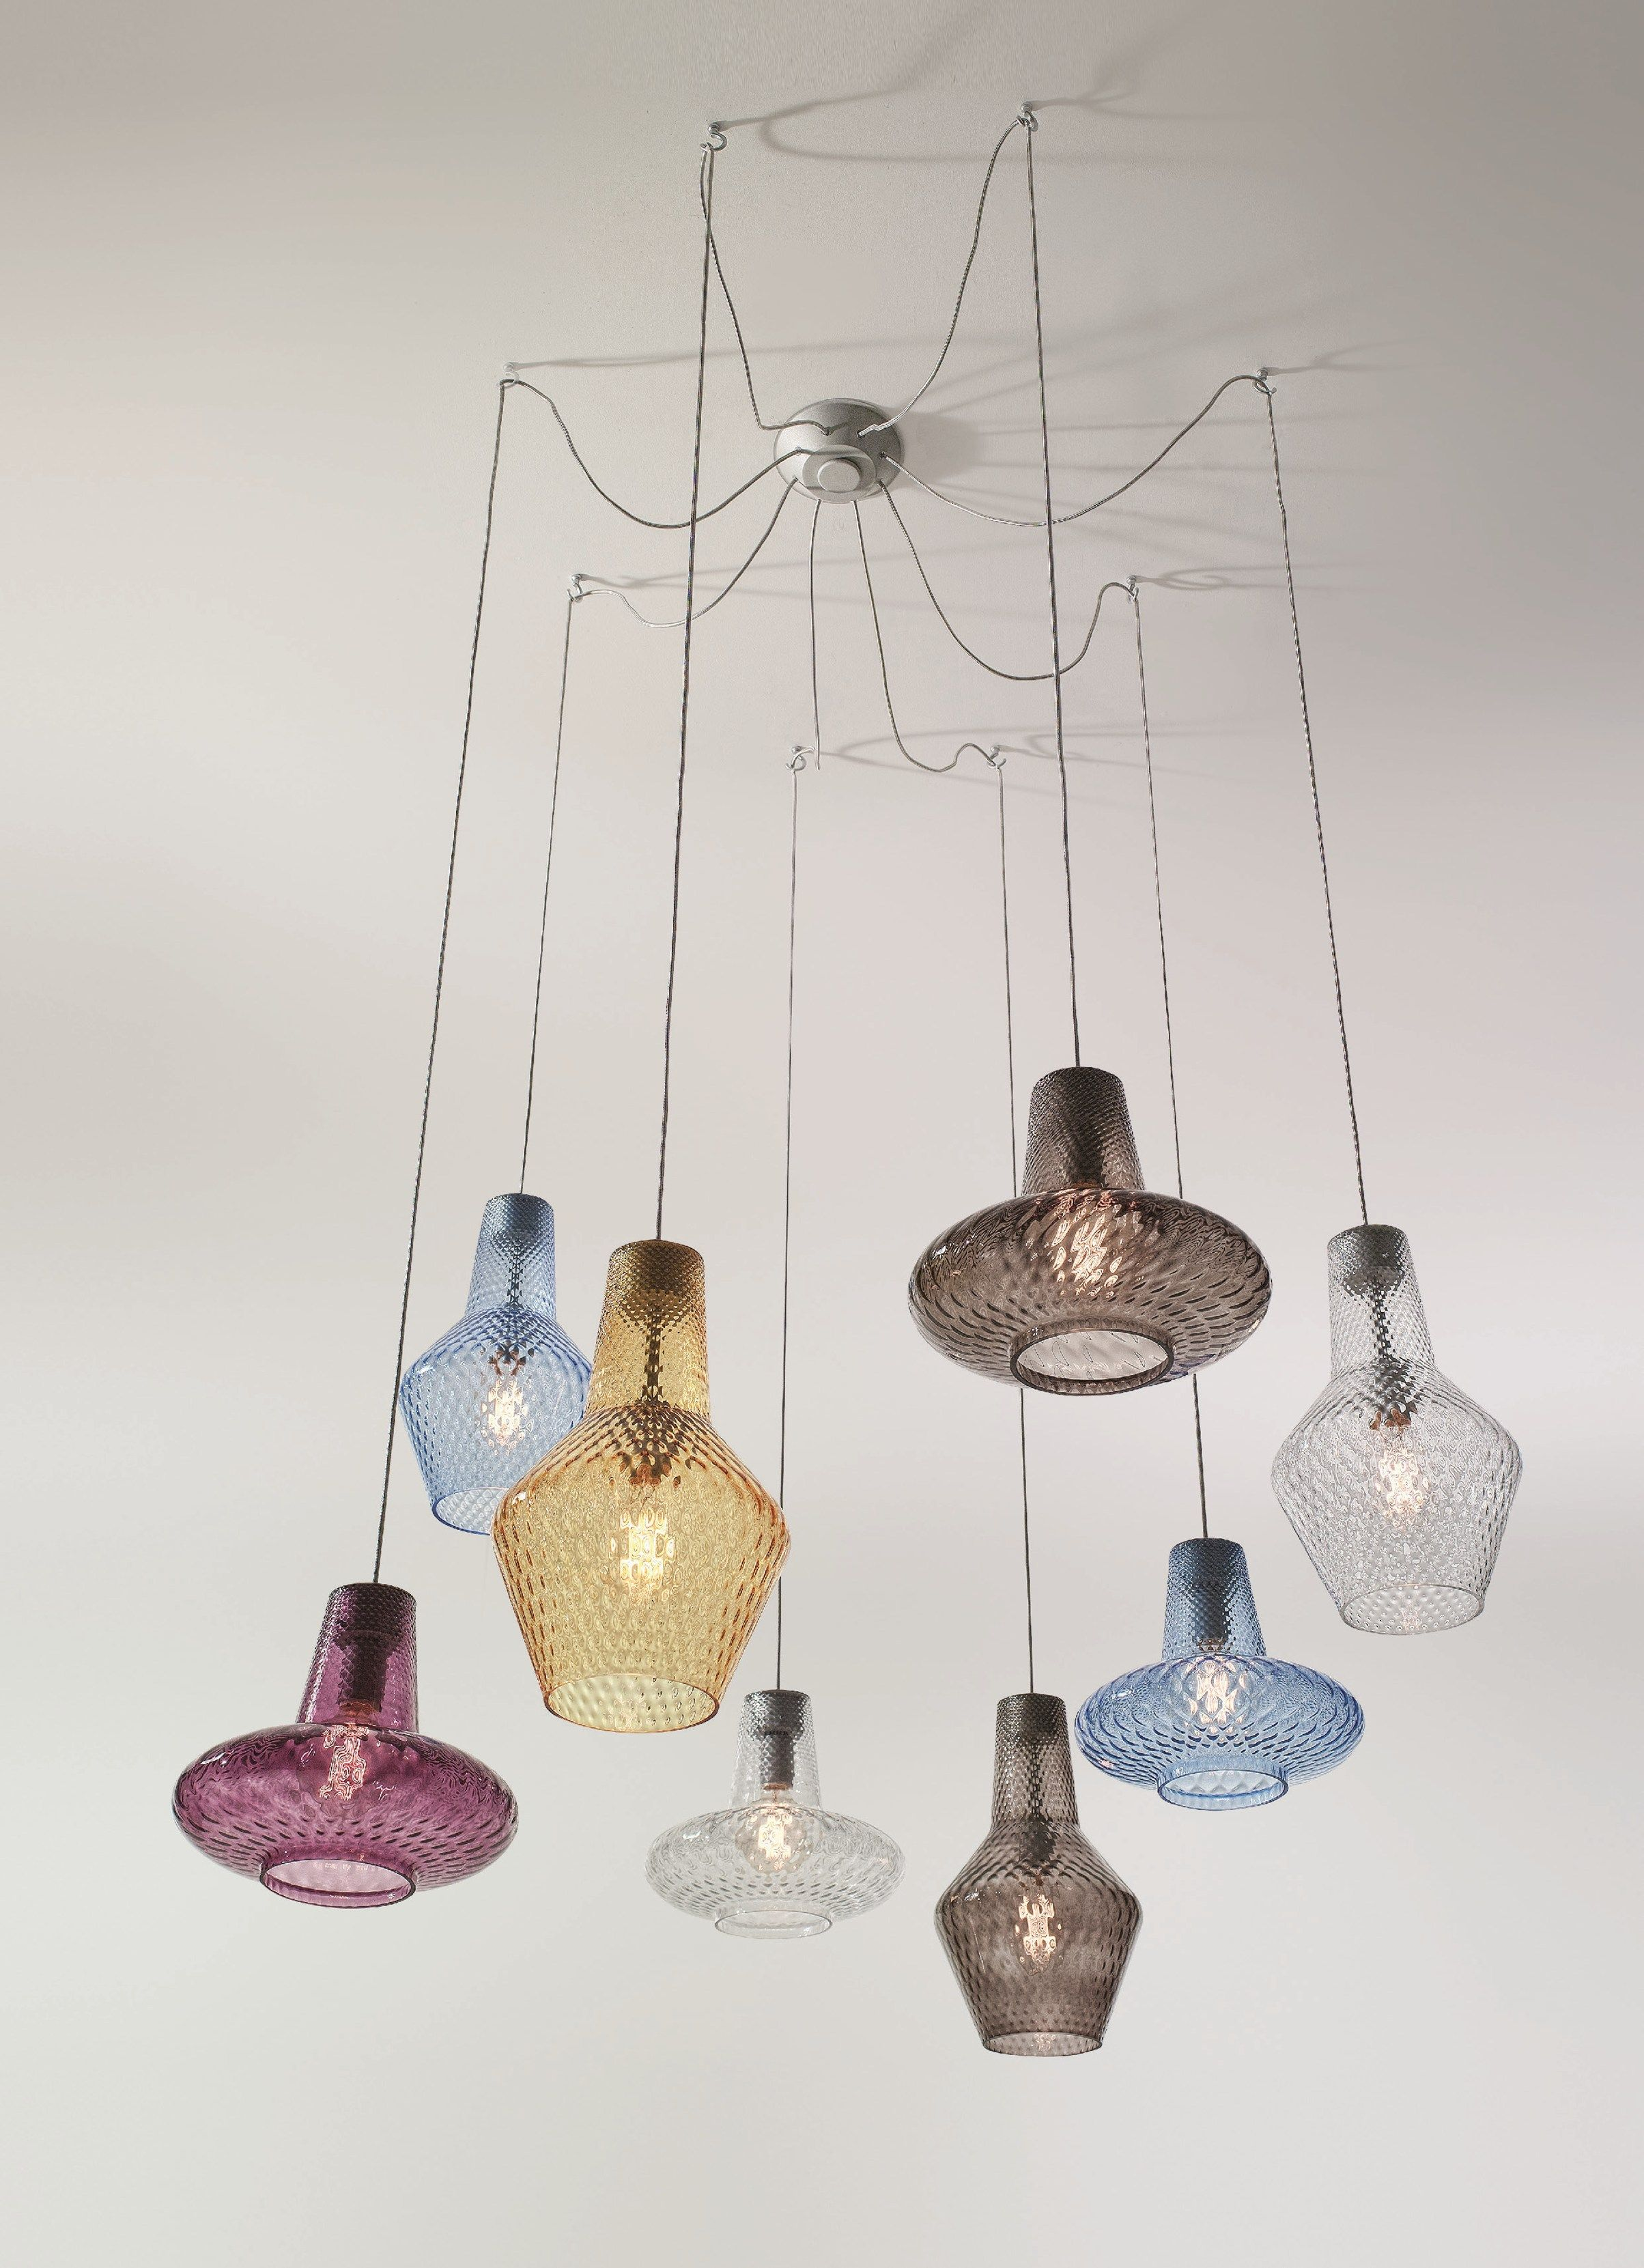 Blown Glass Pendant Lamp Romeo E Giulietta Demajolight Illuminazione A Sospensione Lampade E Idee Per L Illuminazione